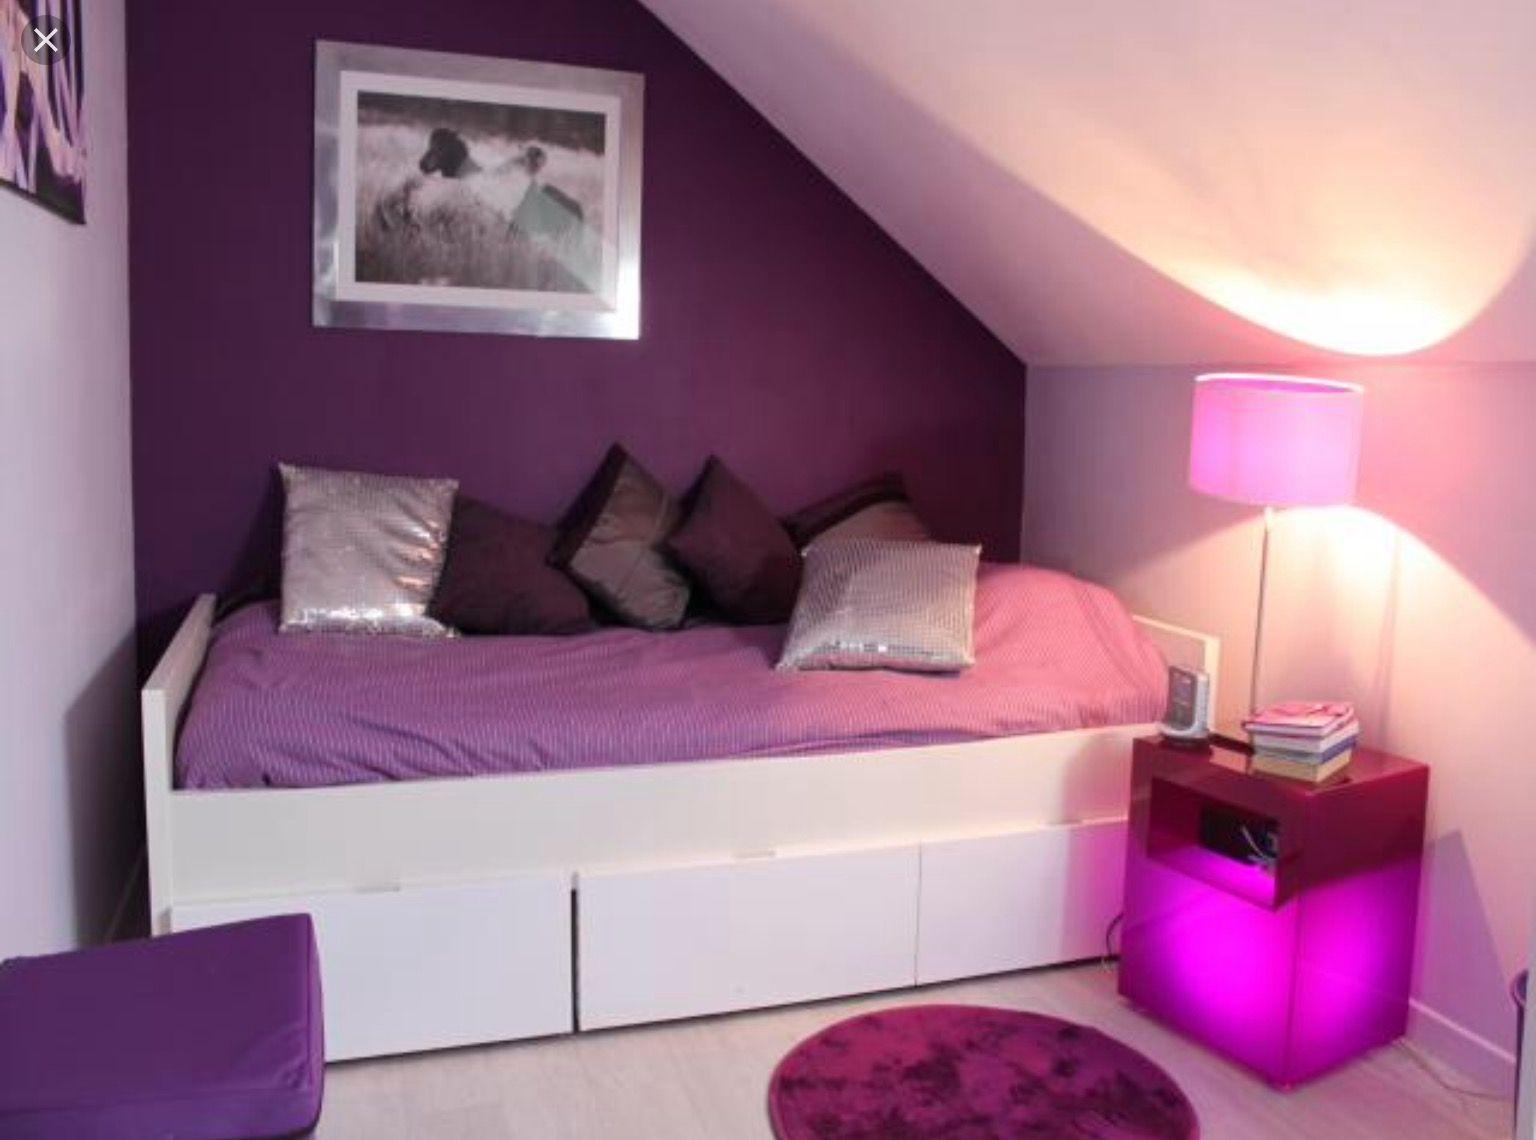 chambre violette et blanche ide dco - Deco Chambre Fille Rose Et Violet